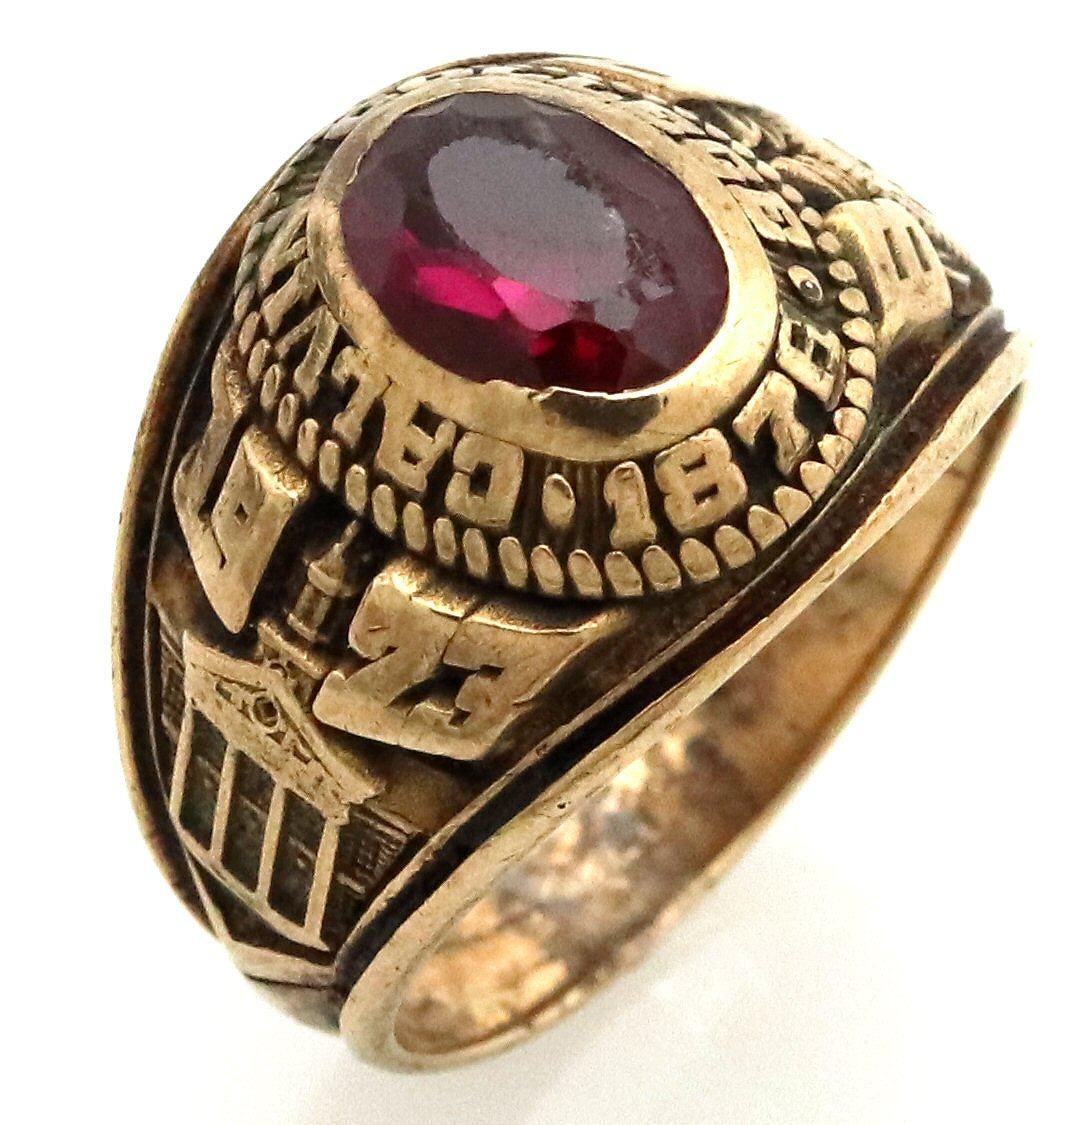 【ジュエリー】カレッジリング CALVIN COLLEGE 1876 K10YG イエローゴールド 色石 レッド 赤 リング 指輪 #14 14号 【中古】